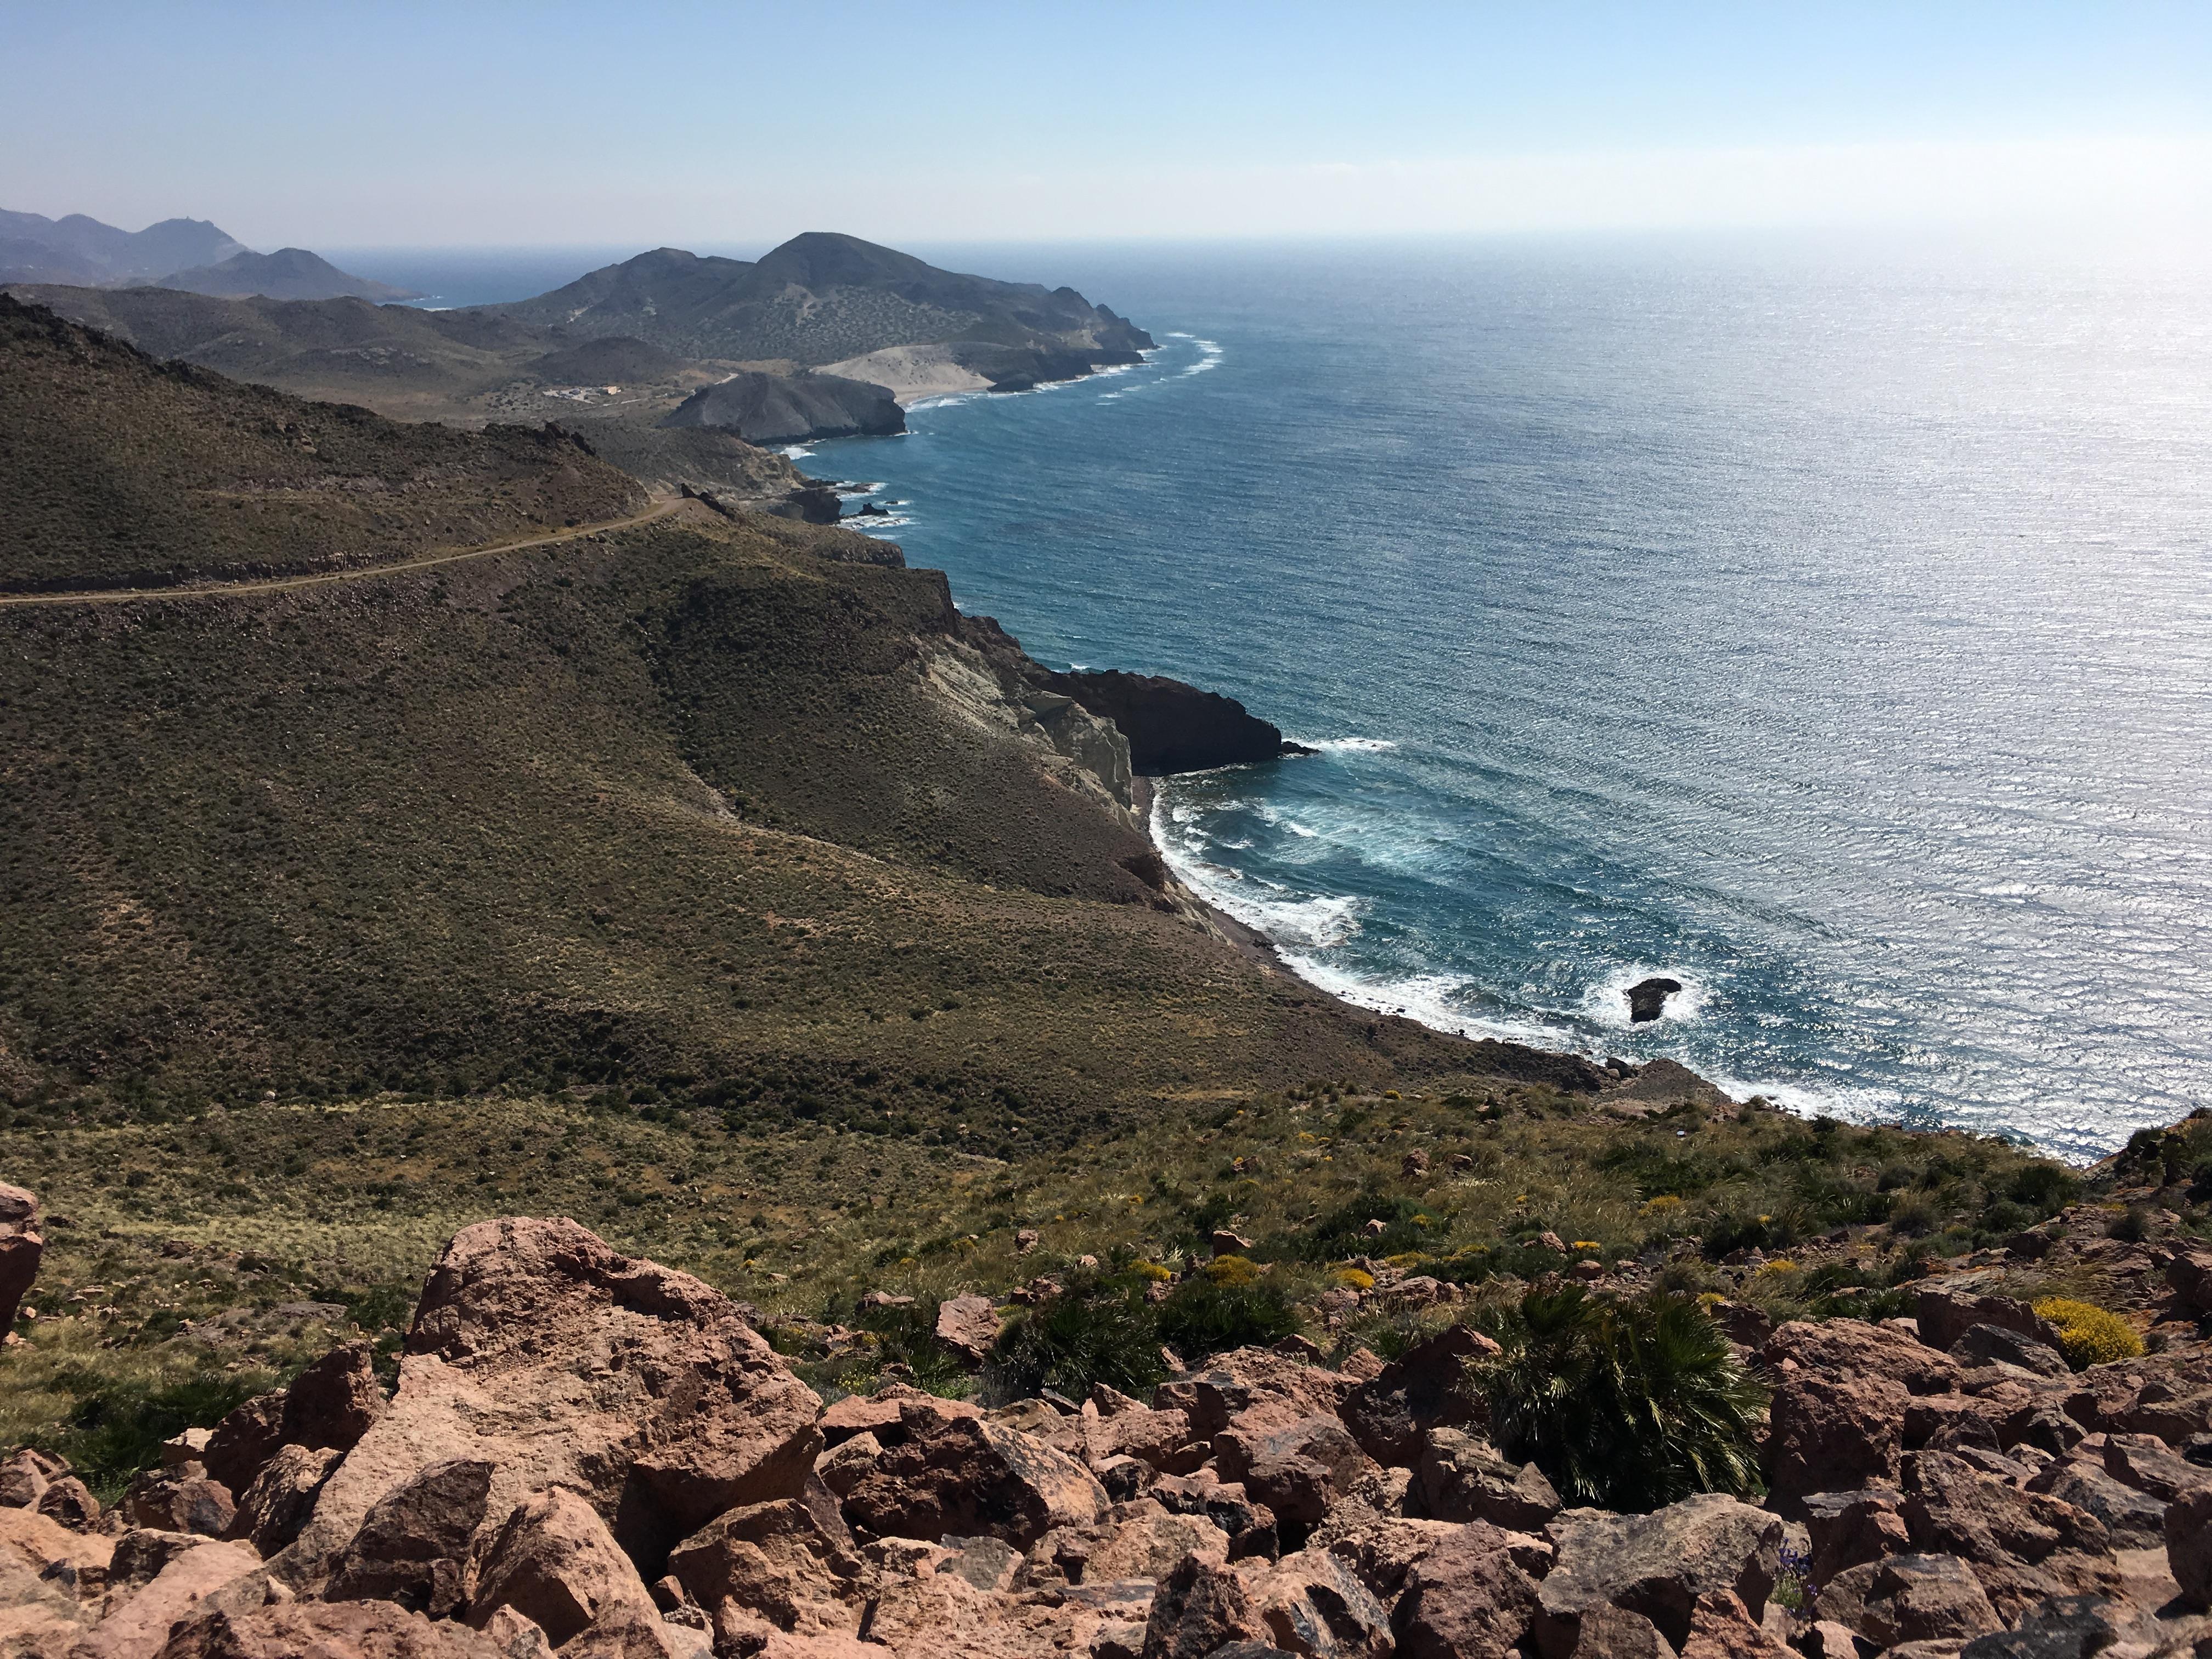 Andalusien, SAN JOSE: Los Genoveses – Kite Oase bei Ostwind (Mittelmeer)